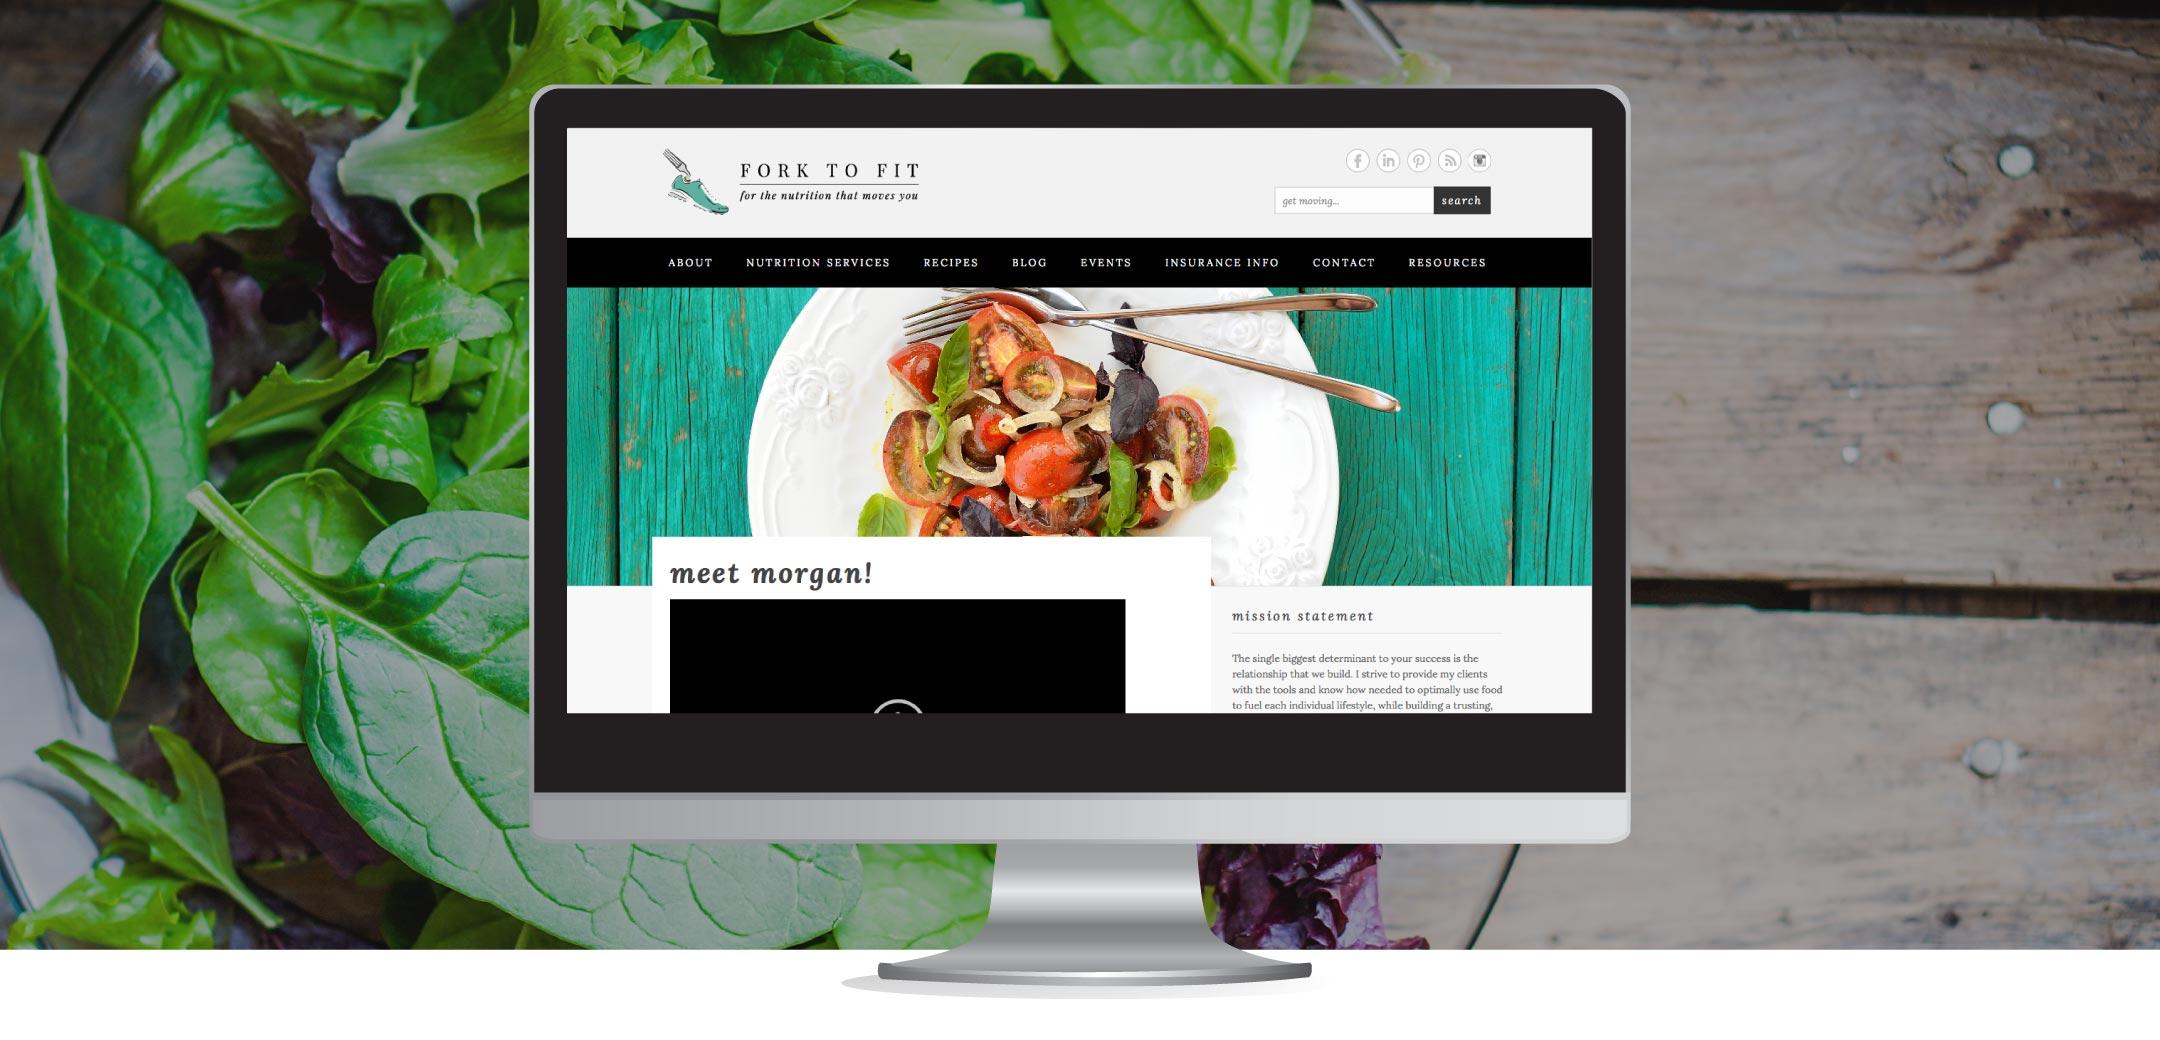 Fork to Fit Website Design Refresh